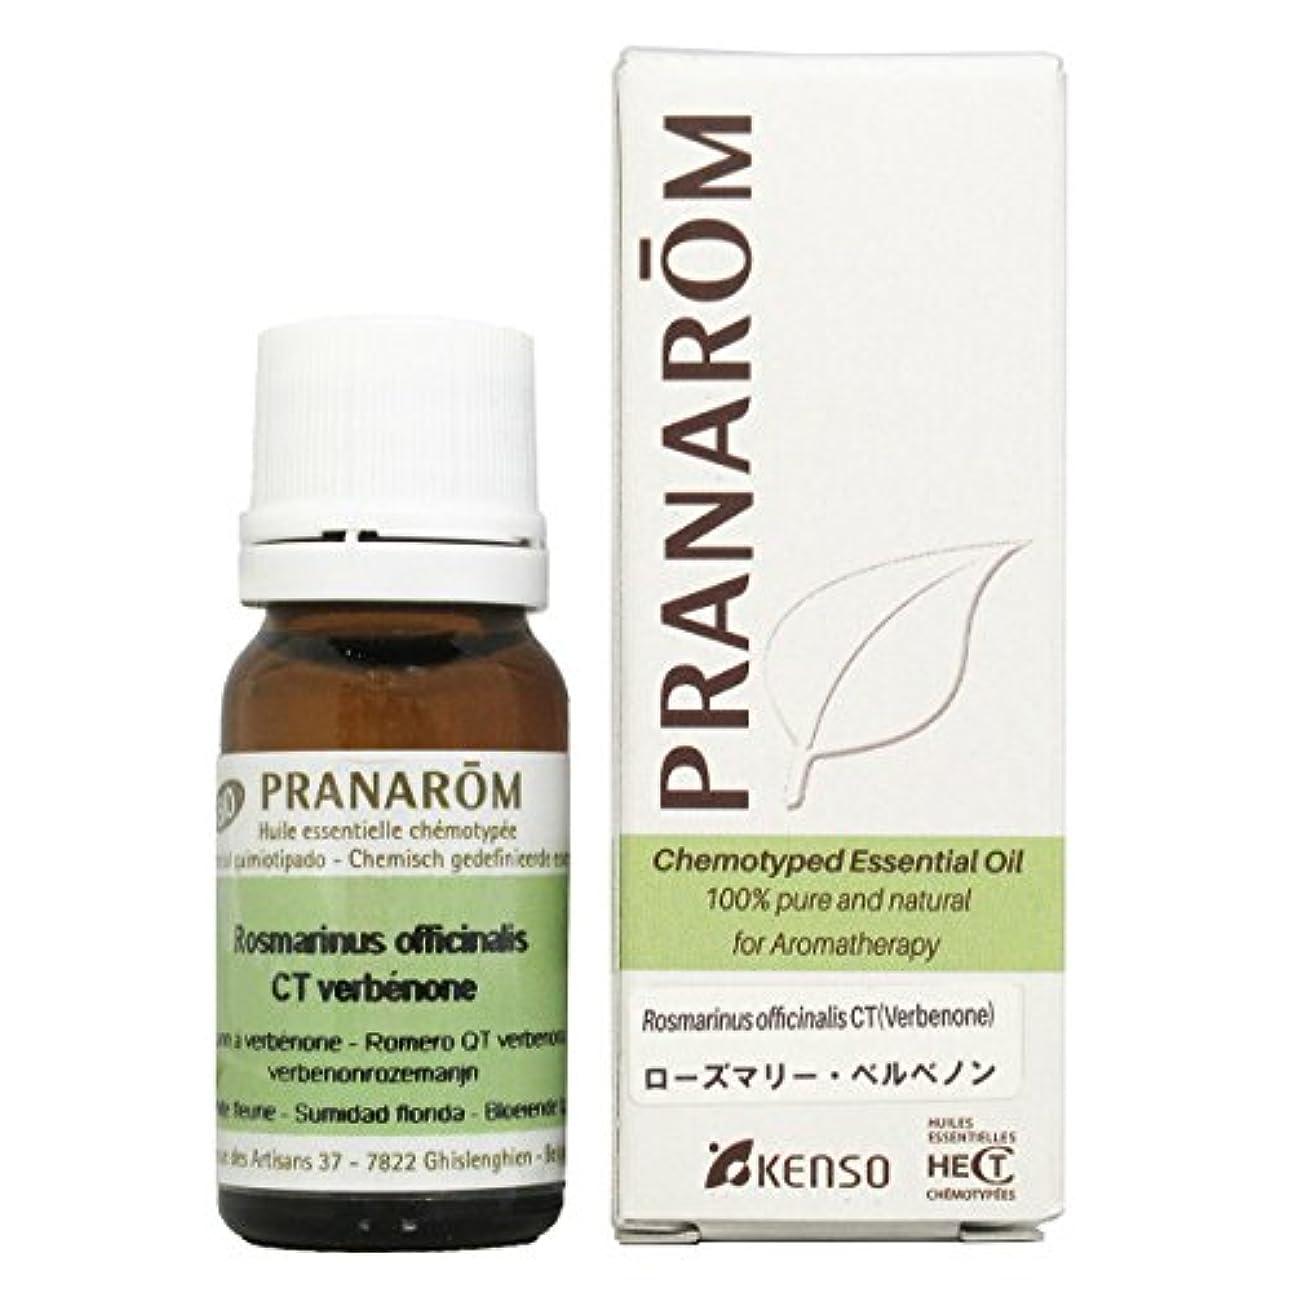 先史時代の直接まもなくプラナロム ローズマリーベルベノン 10ml (PRANAROM ケモタイプ精油)